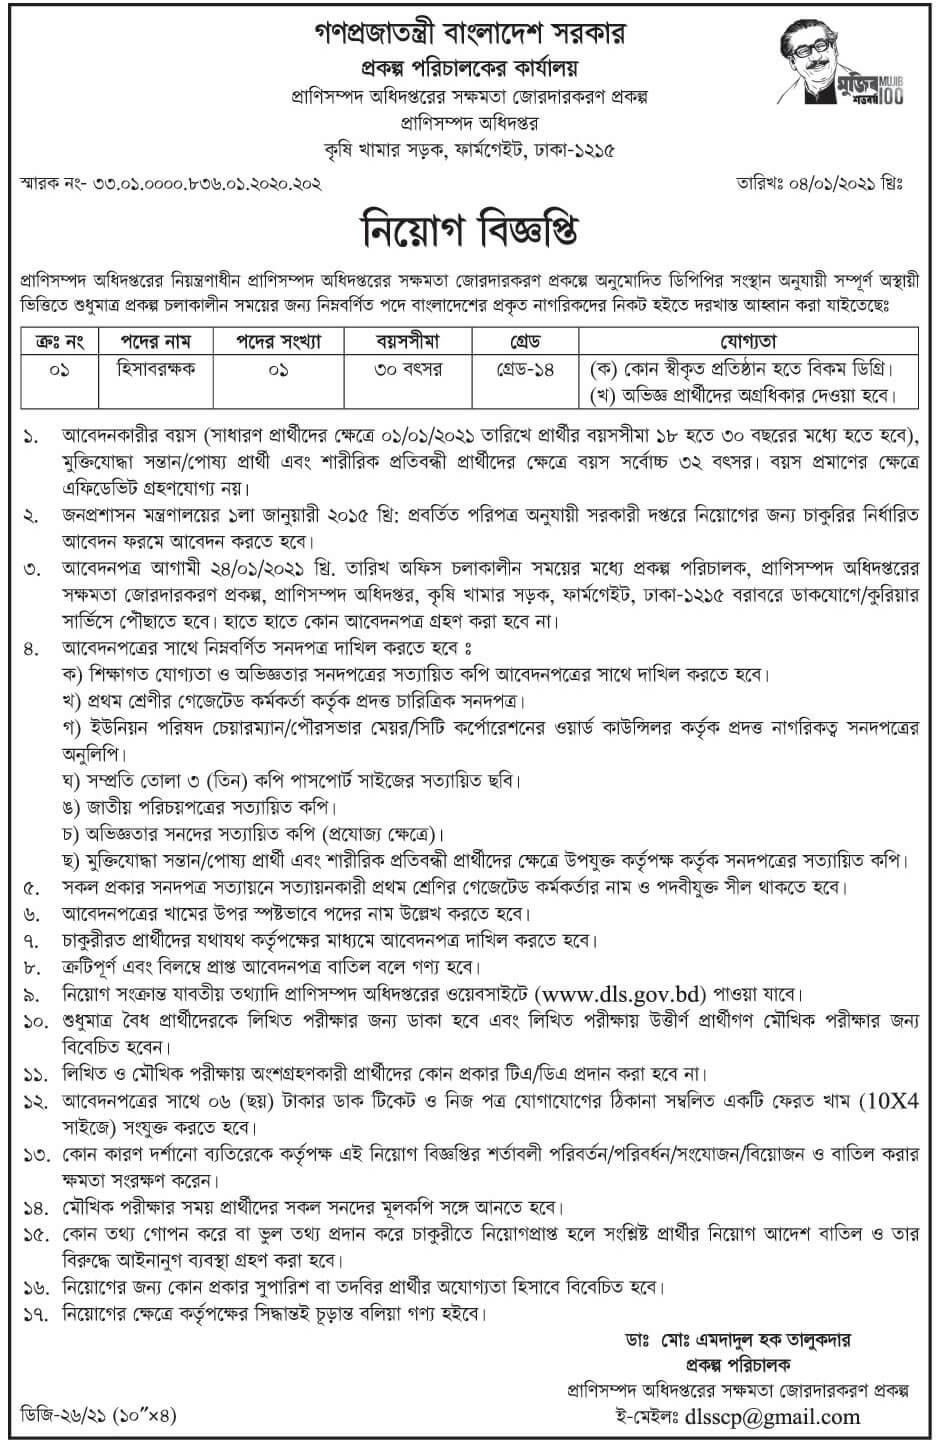 DLS Job Circular 2021